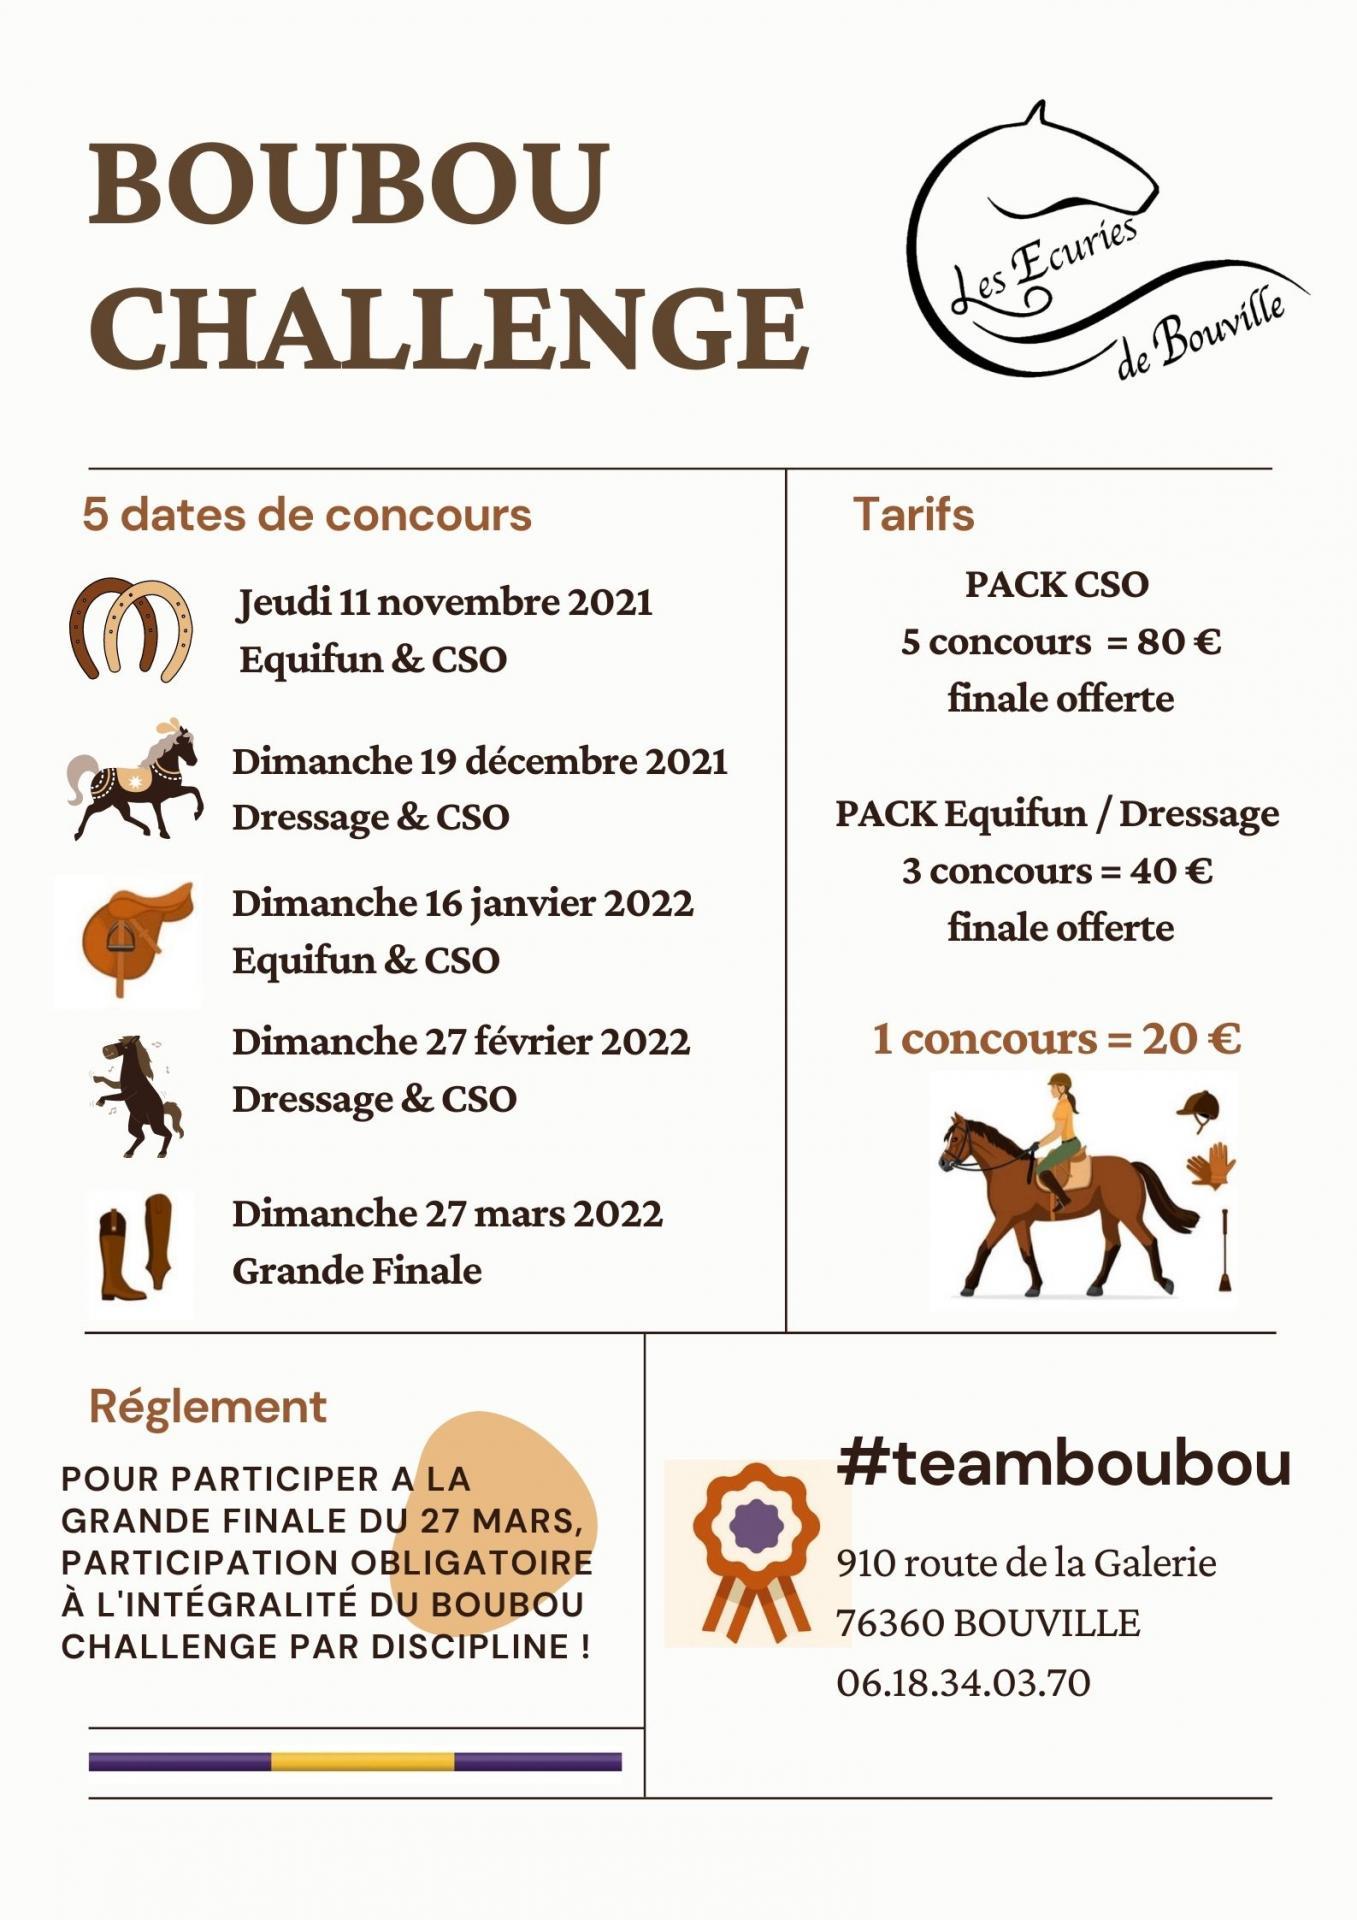 Boubou challenge